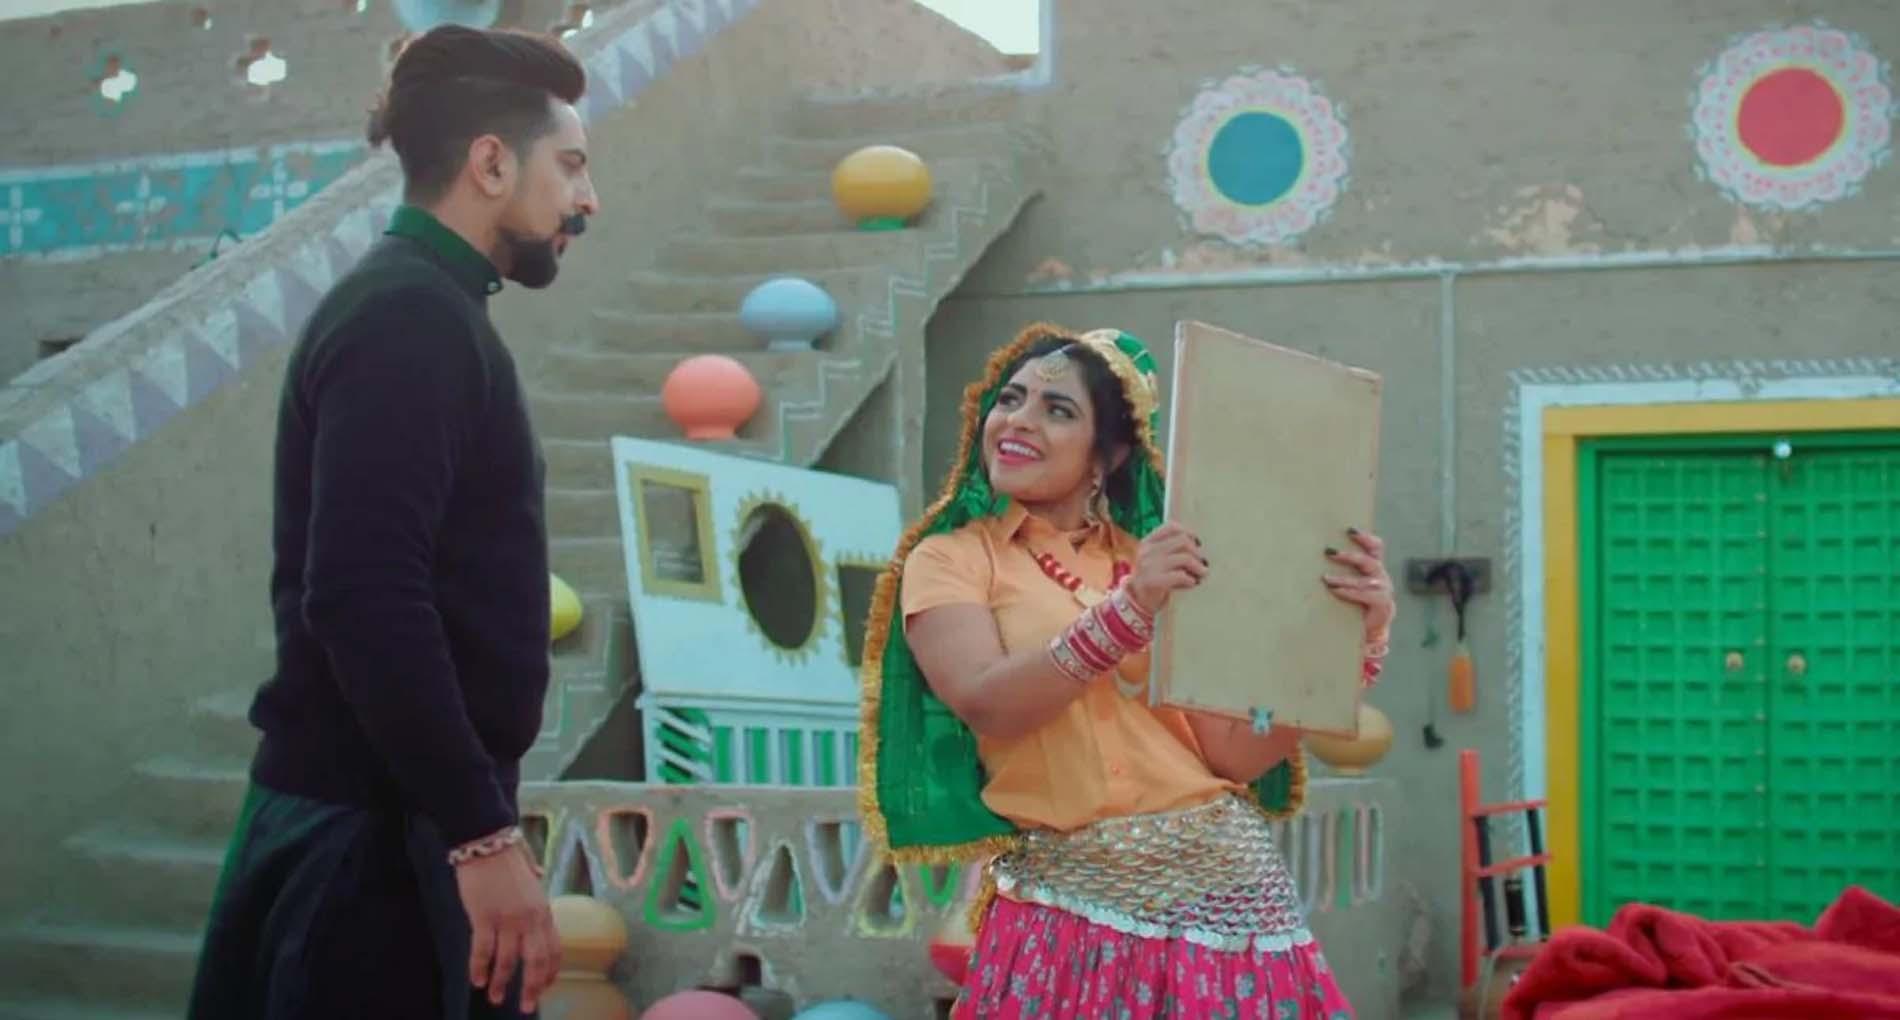 New Haryanvi Song: नए हरियाणवी सॉन्ग 'छन छन' ने मचाई धूम! देखें वीडियो